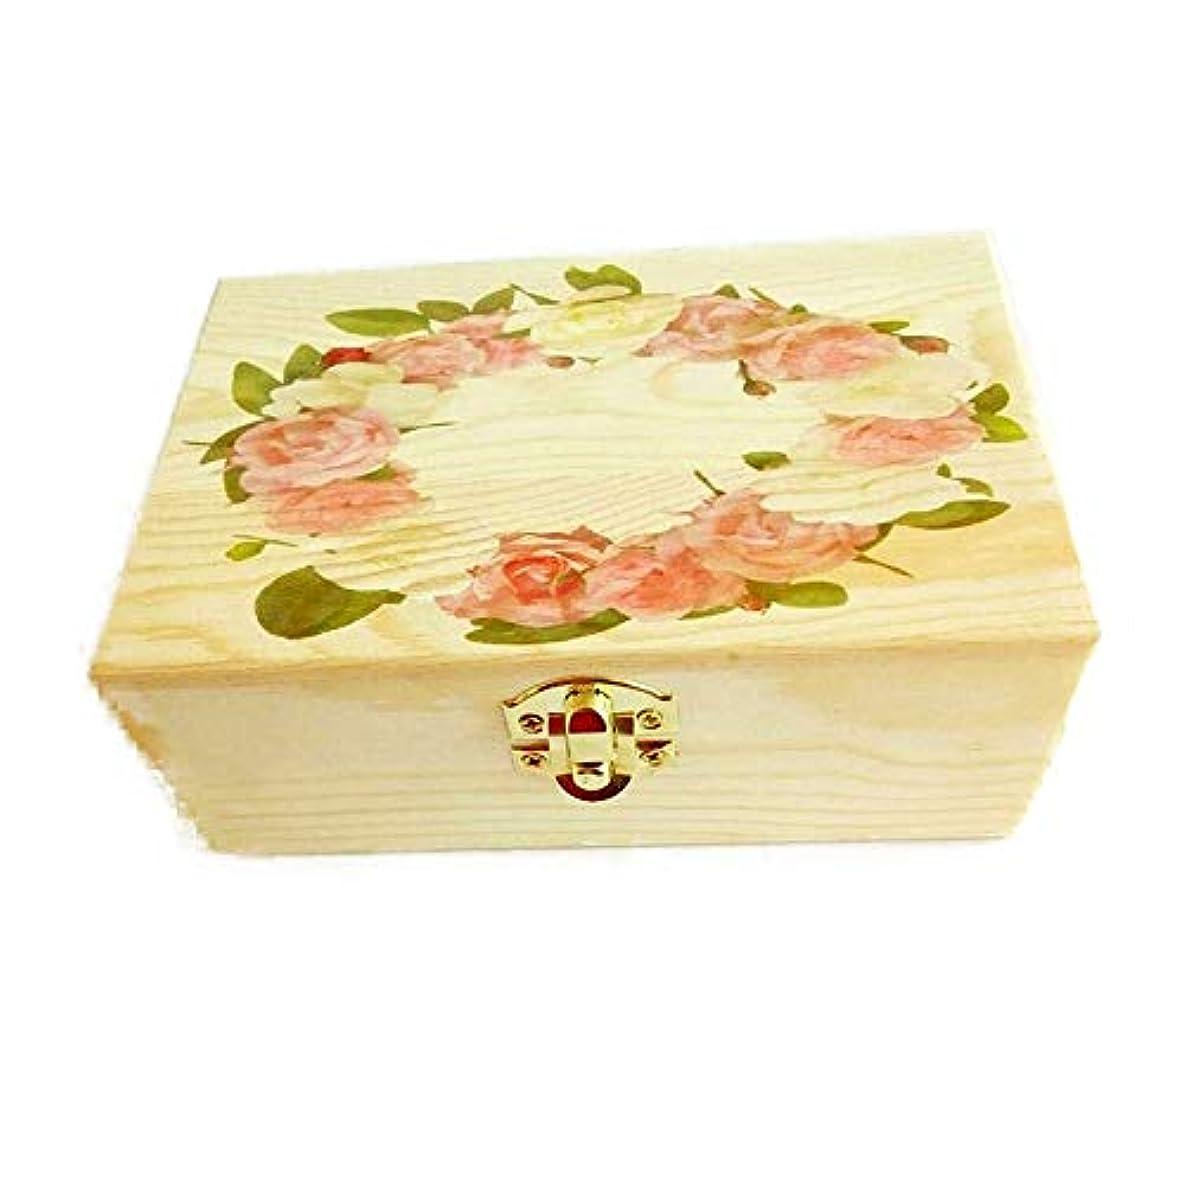 レモン魂ナースキャリングそしてホームストレージ表示のための木製のエッセンシャルオイルストレージボックスオーガナイザー アロマセラピー製品 (色 : Natural, サイズ : 15.5X10.5X5.5CM)